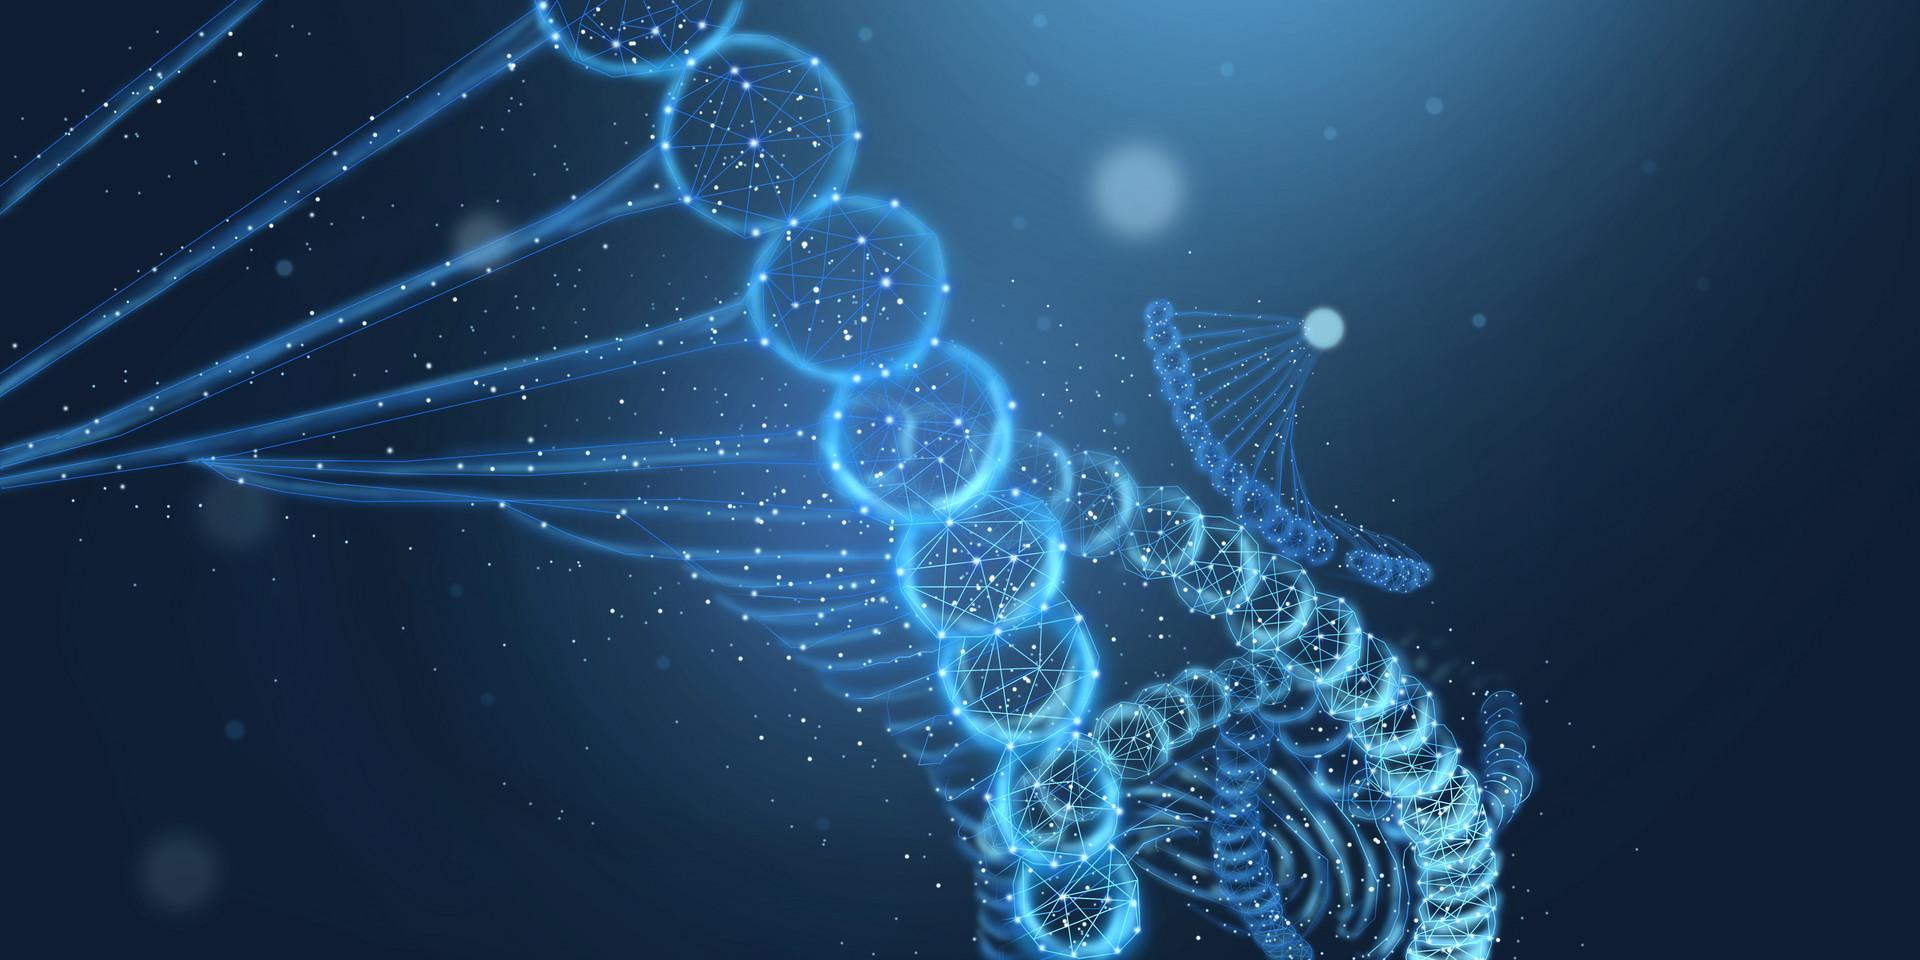 全球首款多发性骨髓瘤治疗新药引进博鳌乐城